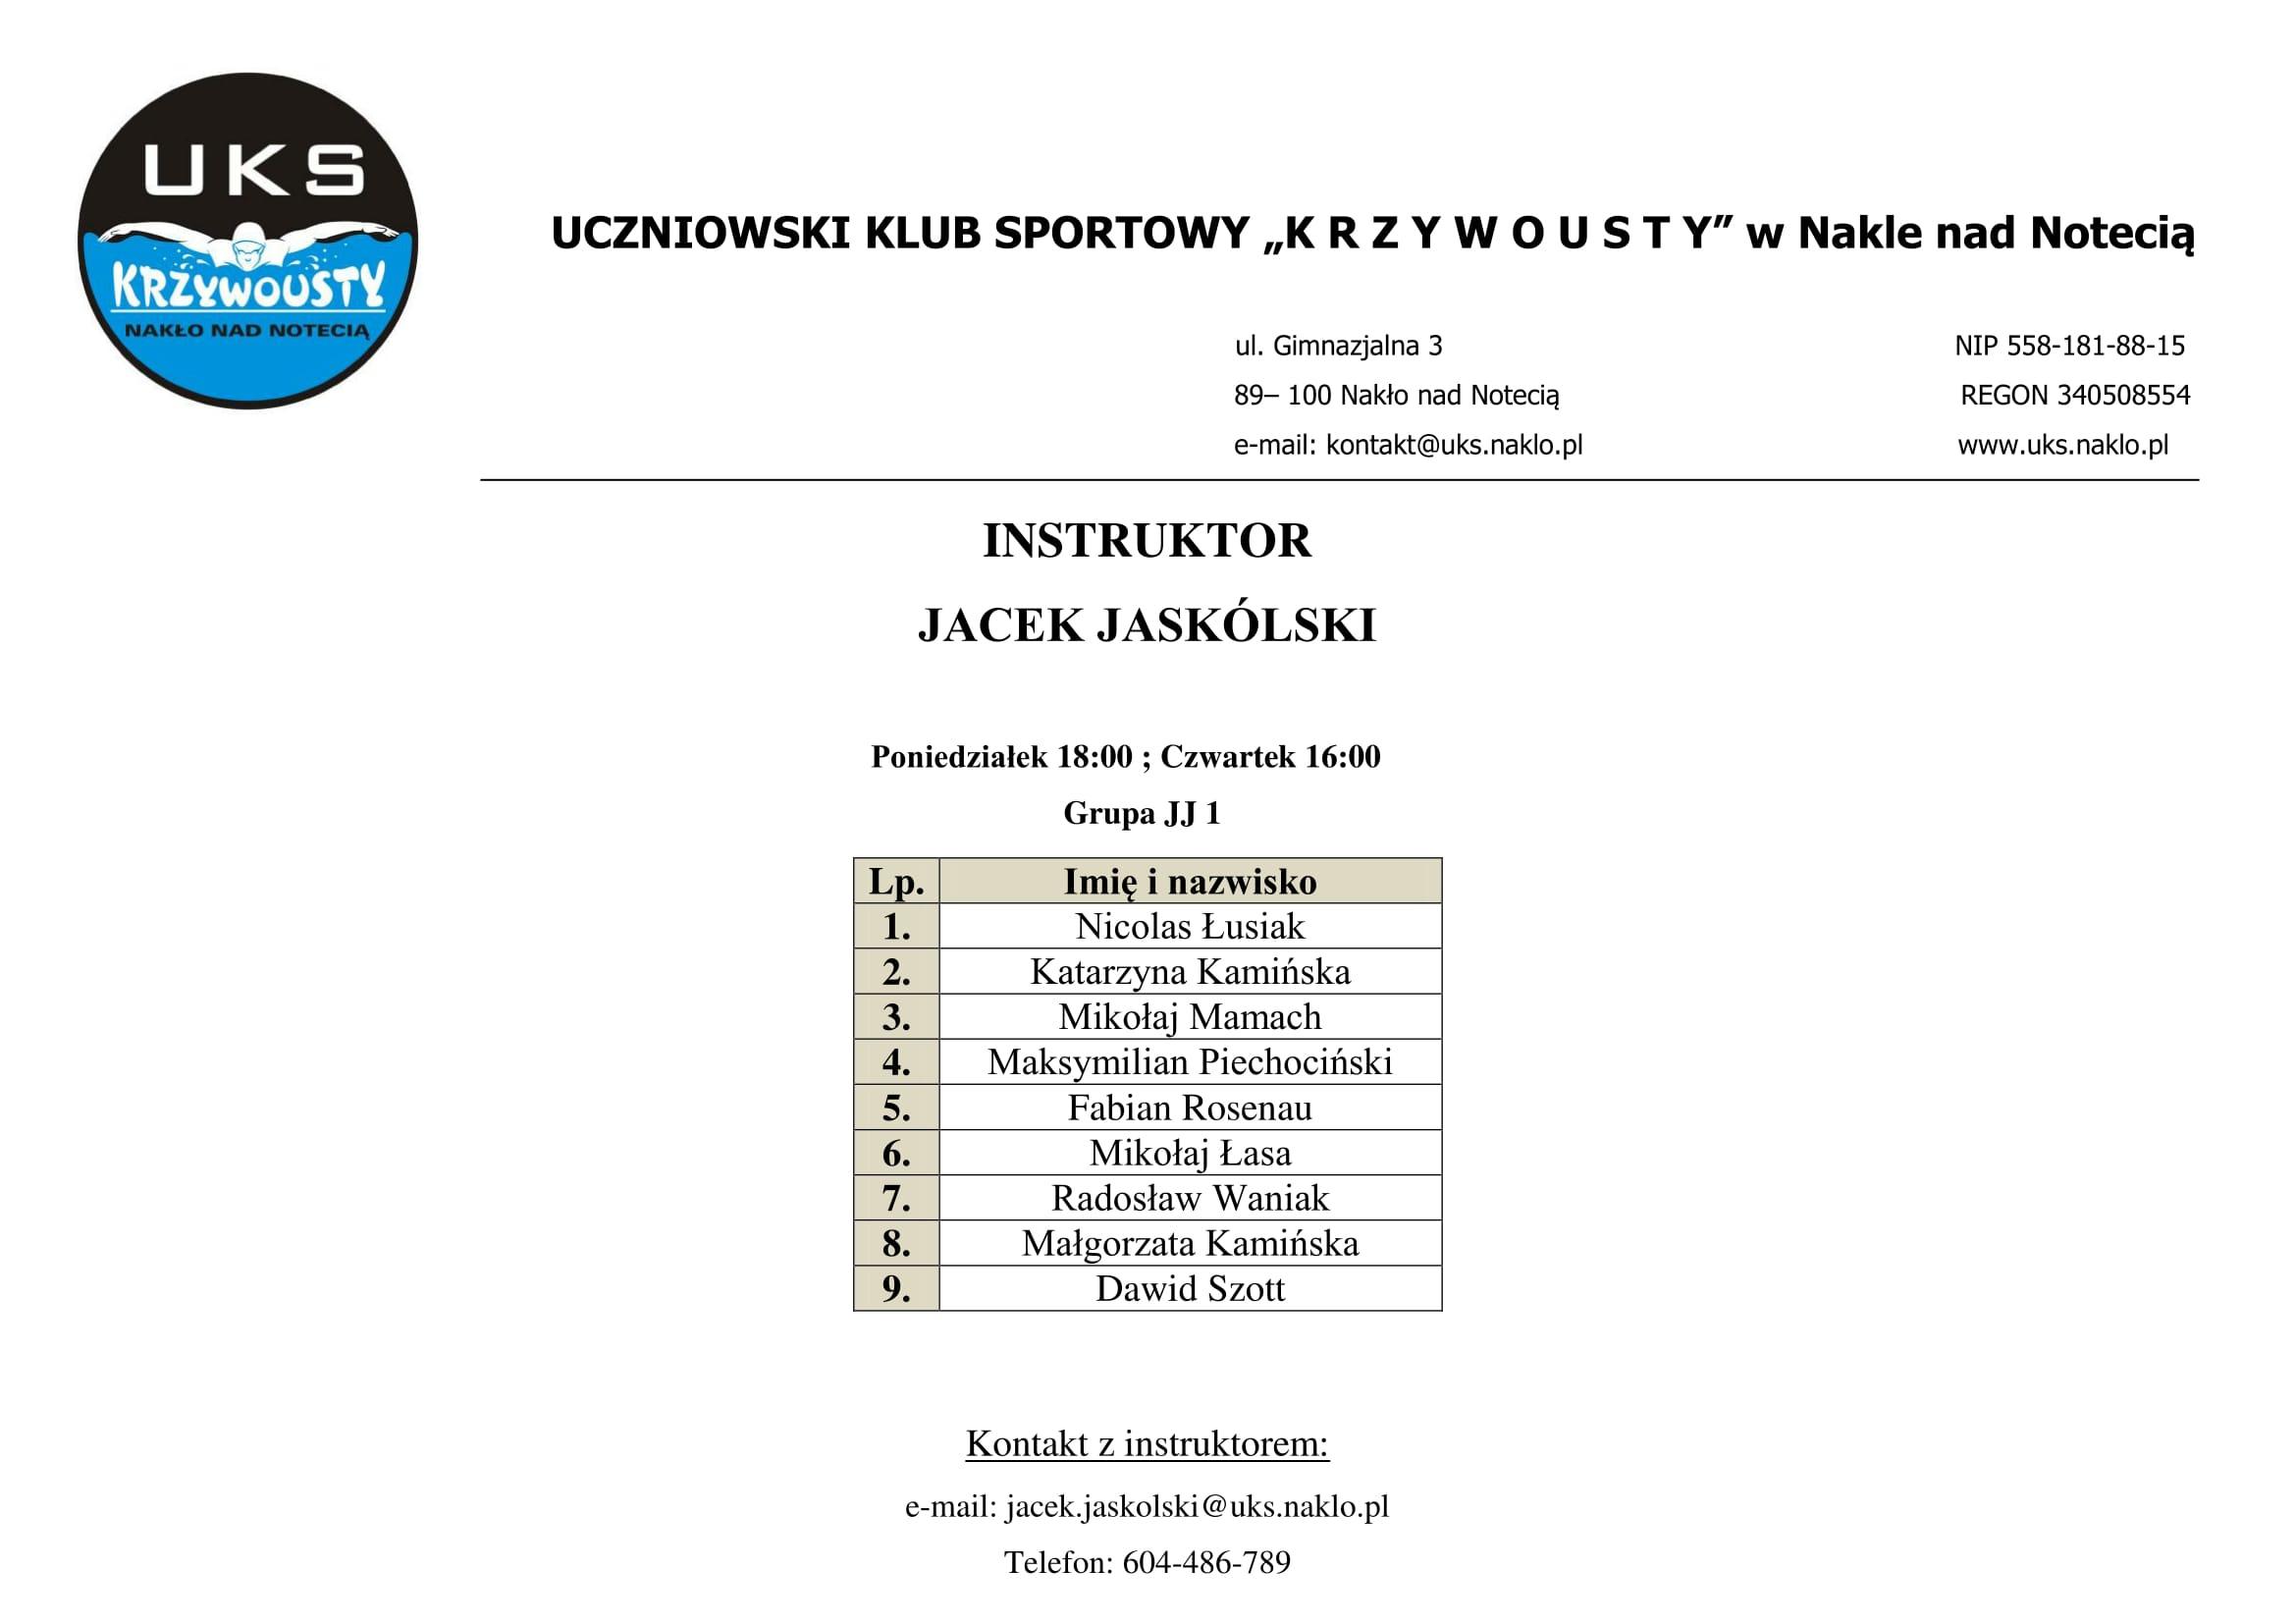 jacek-jaskolski-1-1